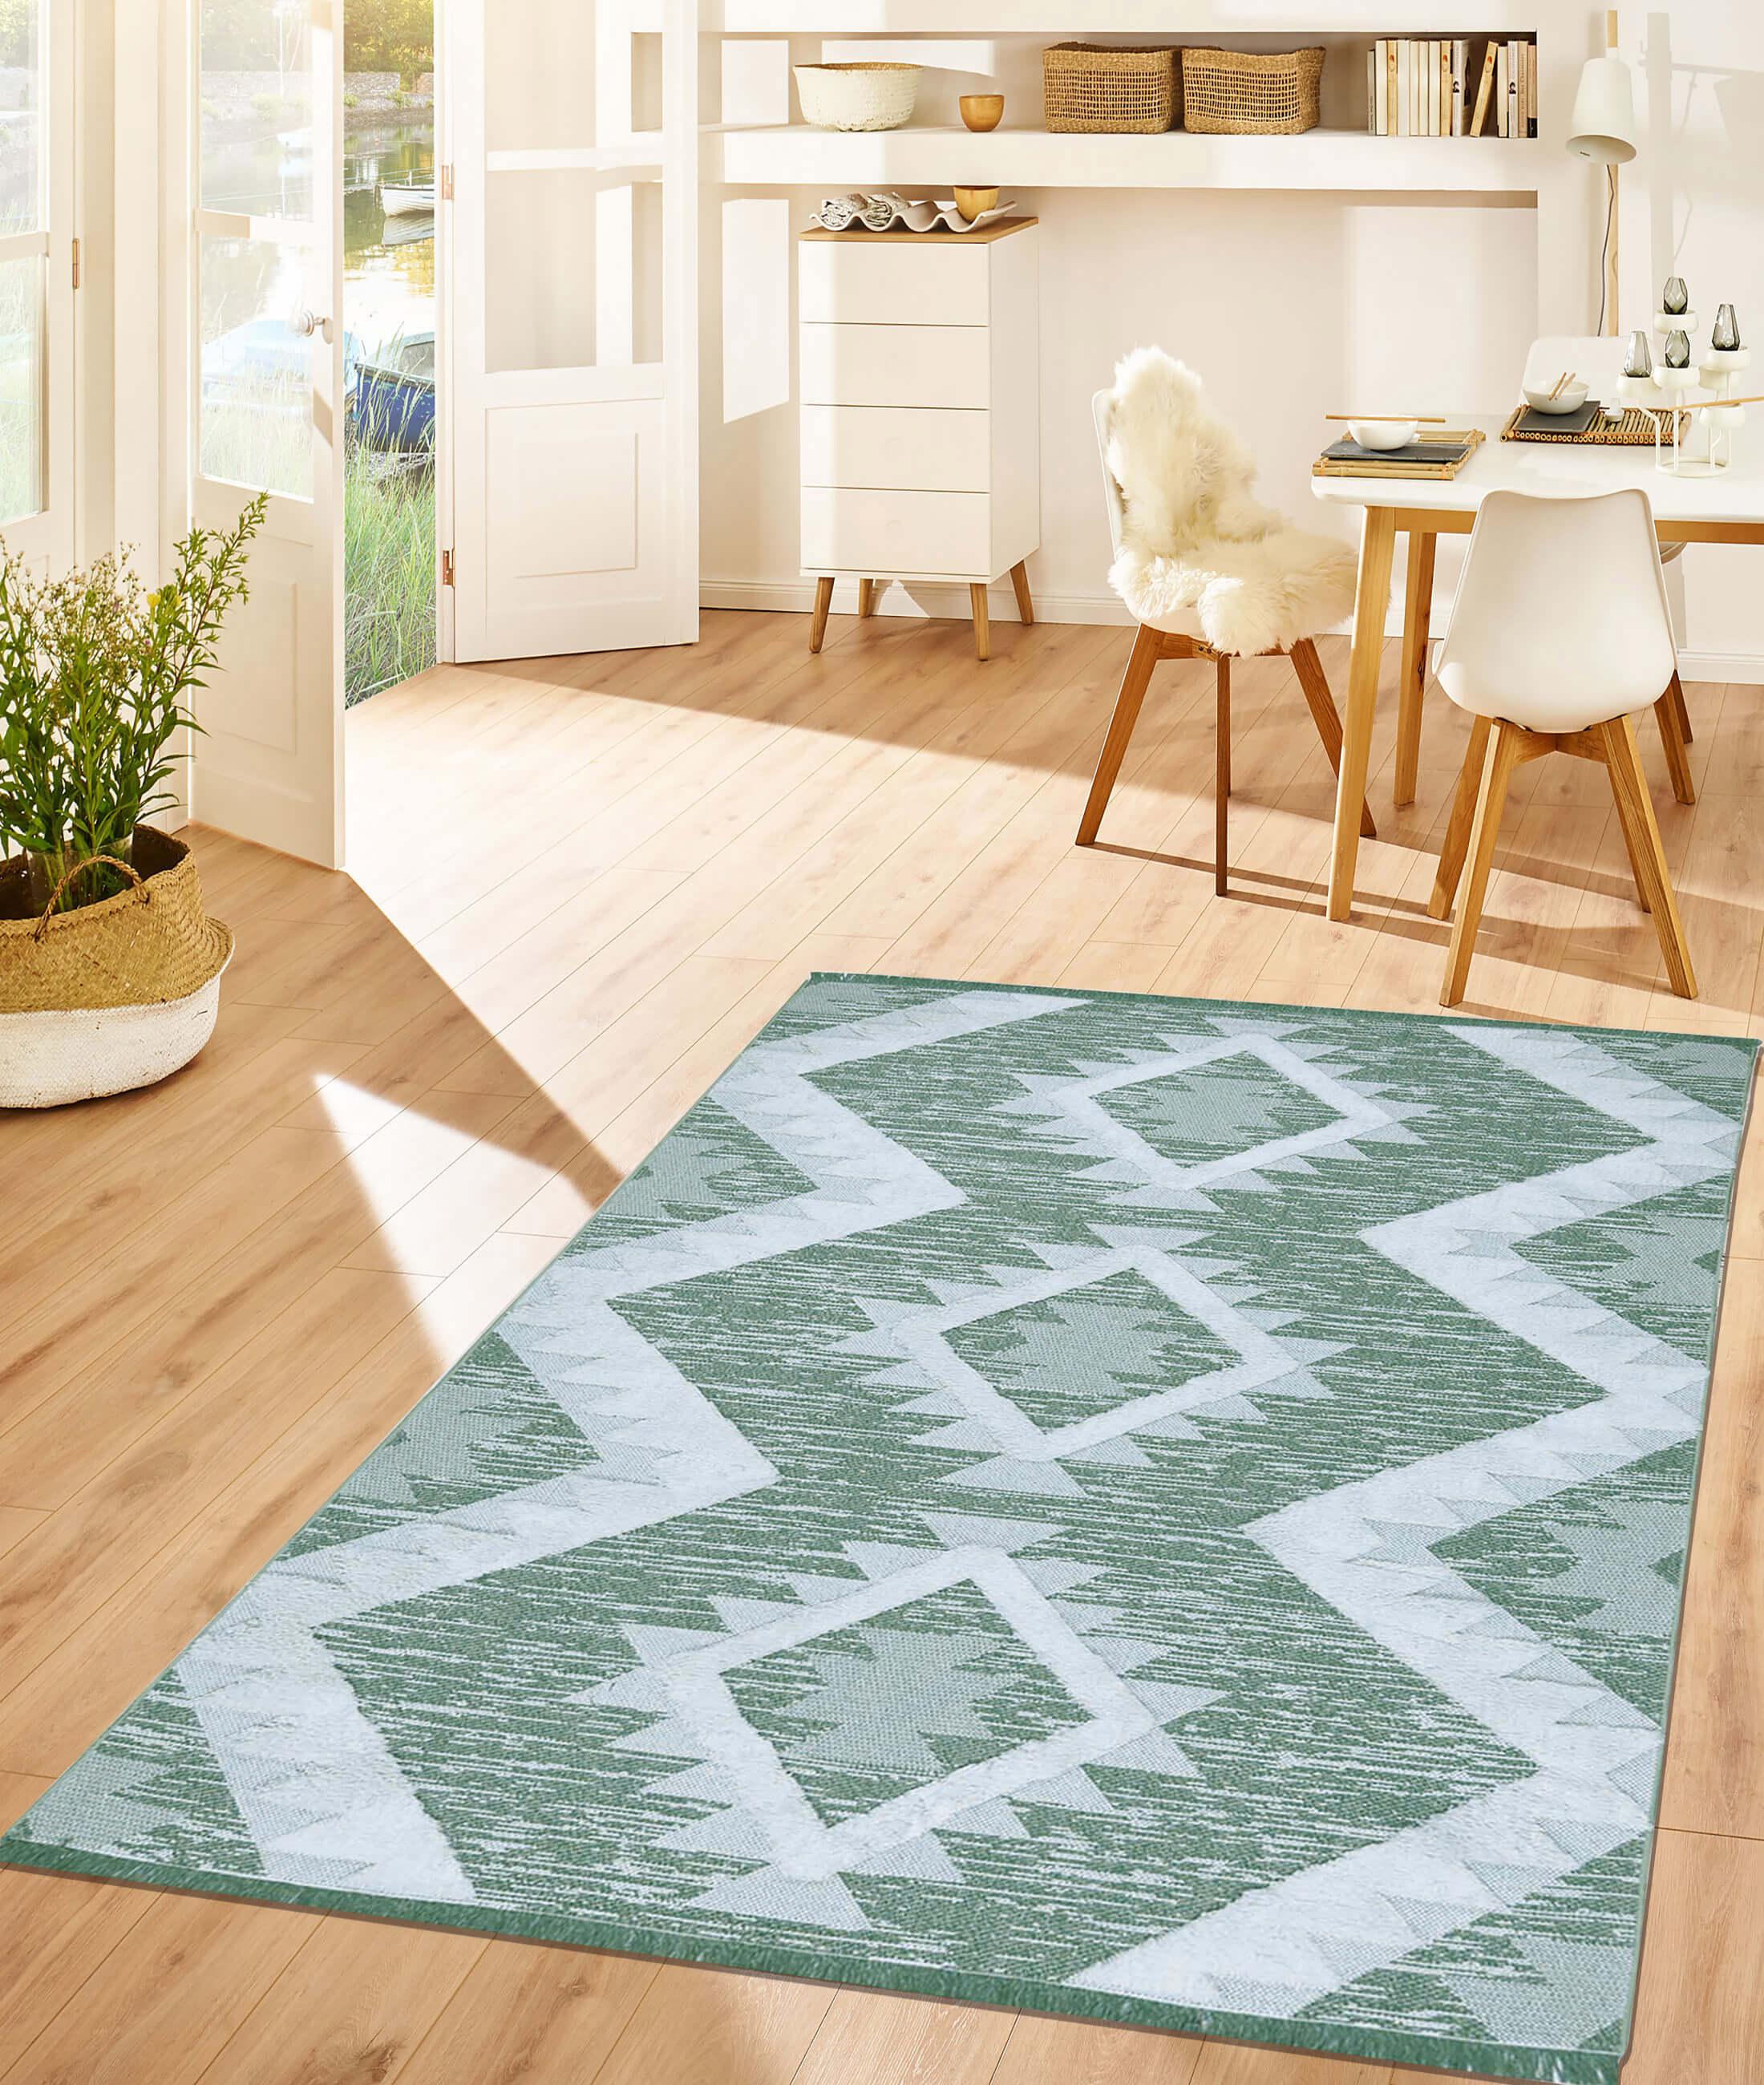 Moroccotton Green Carpet 22312A